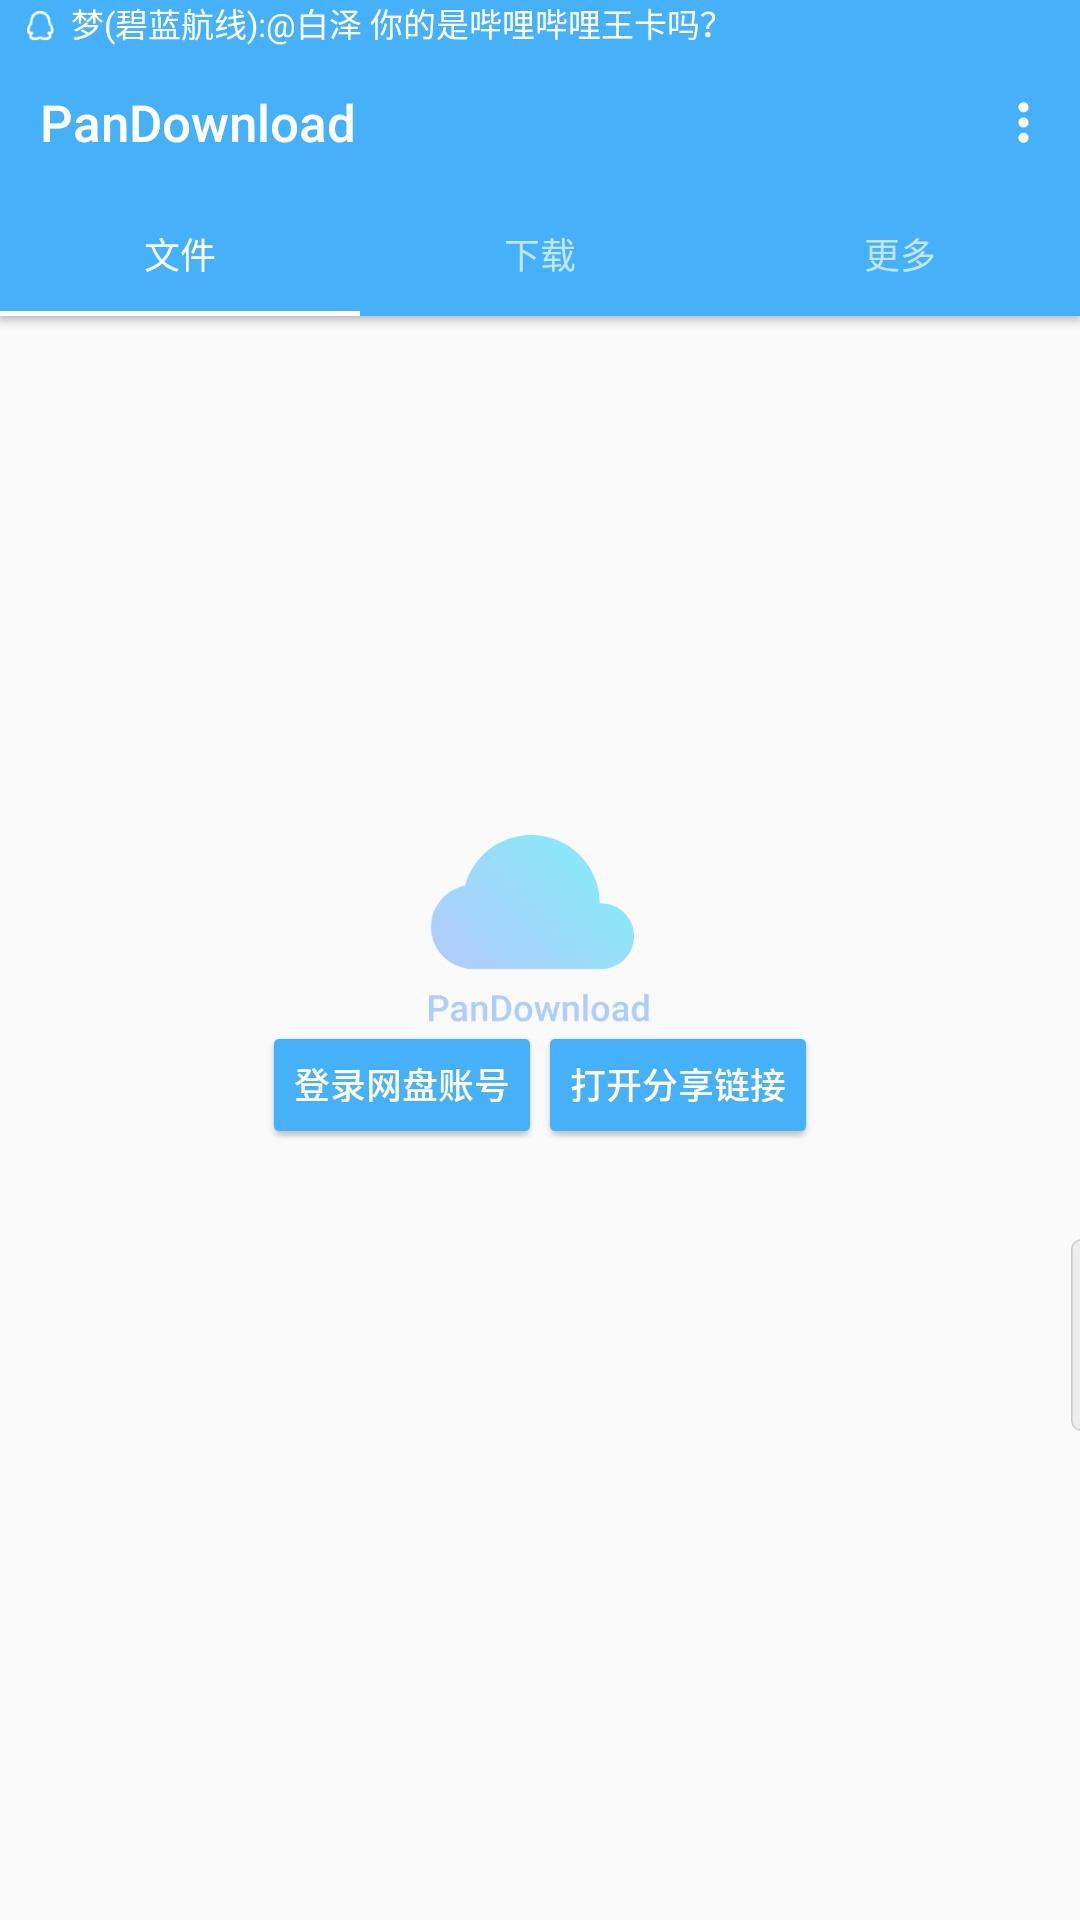 【资源分享】PanDownload1.2.9百度网盘高速下载